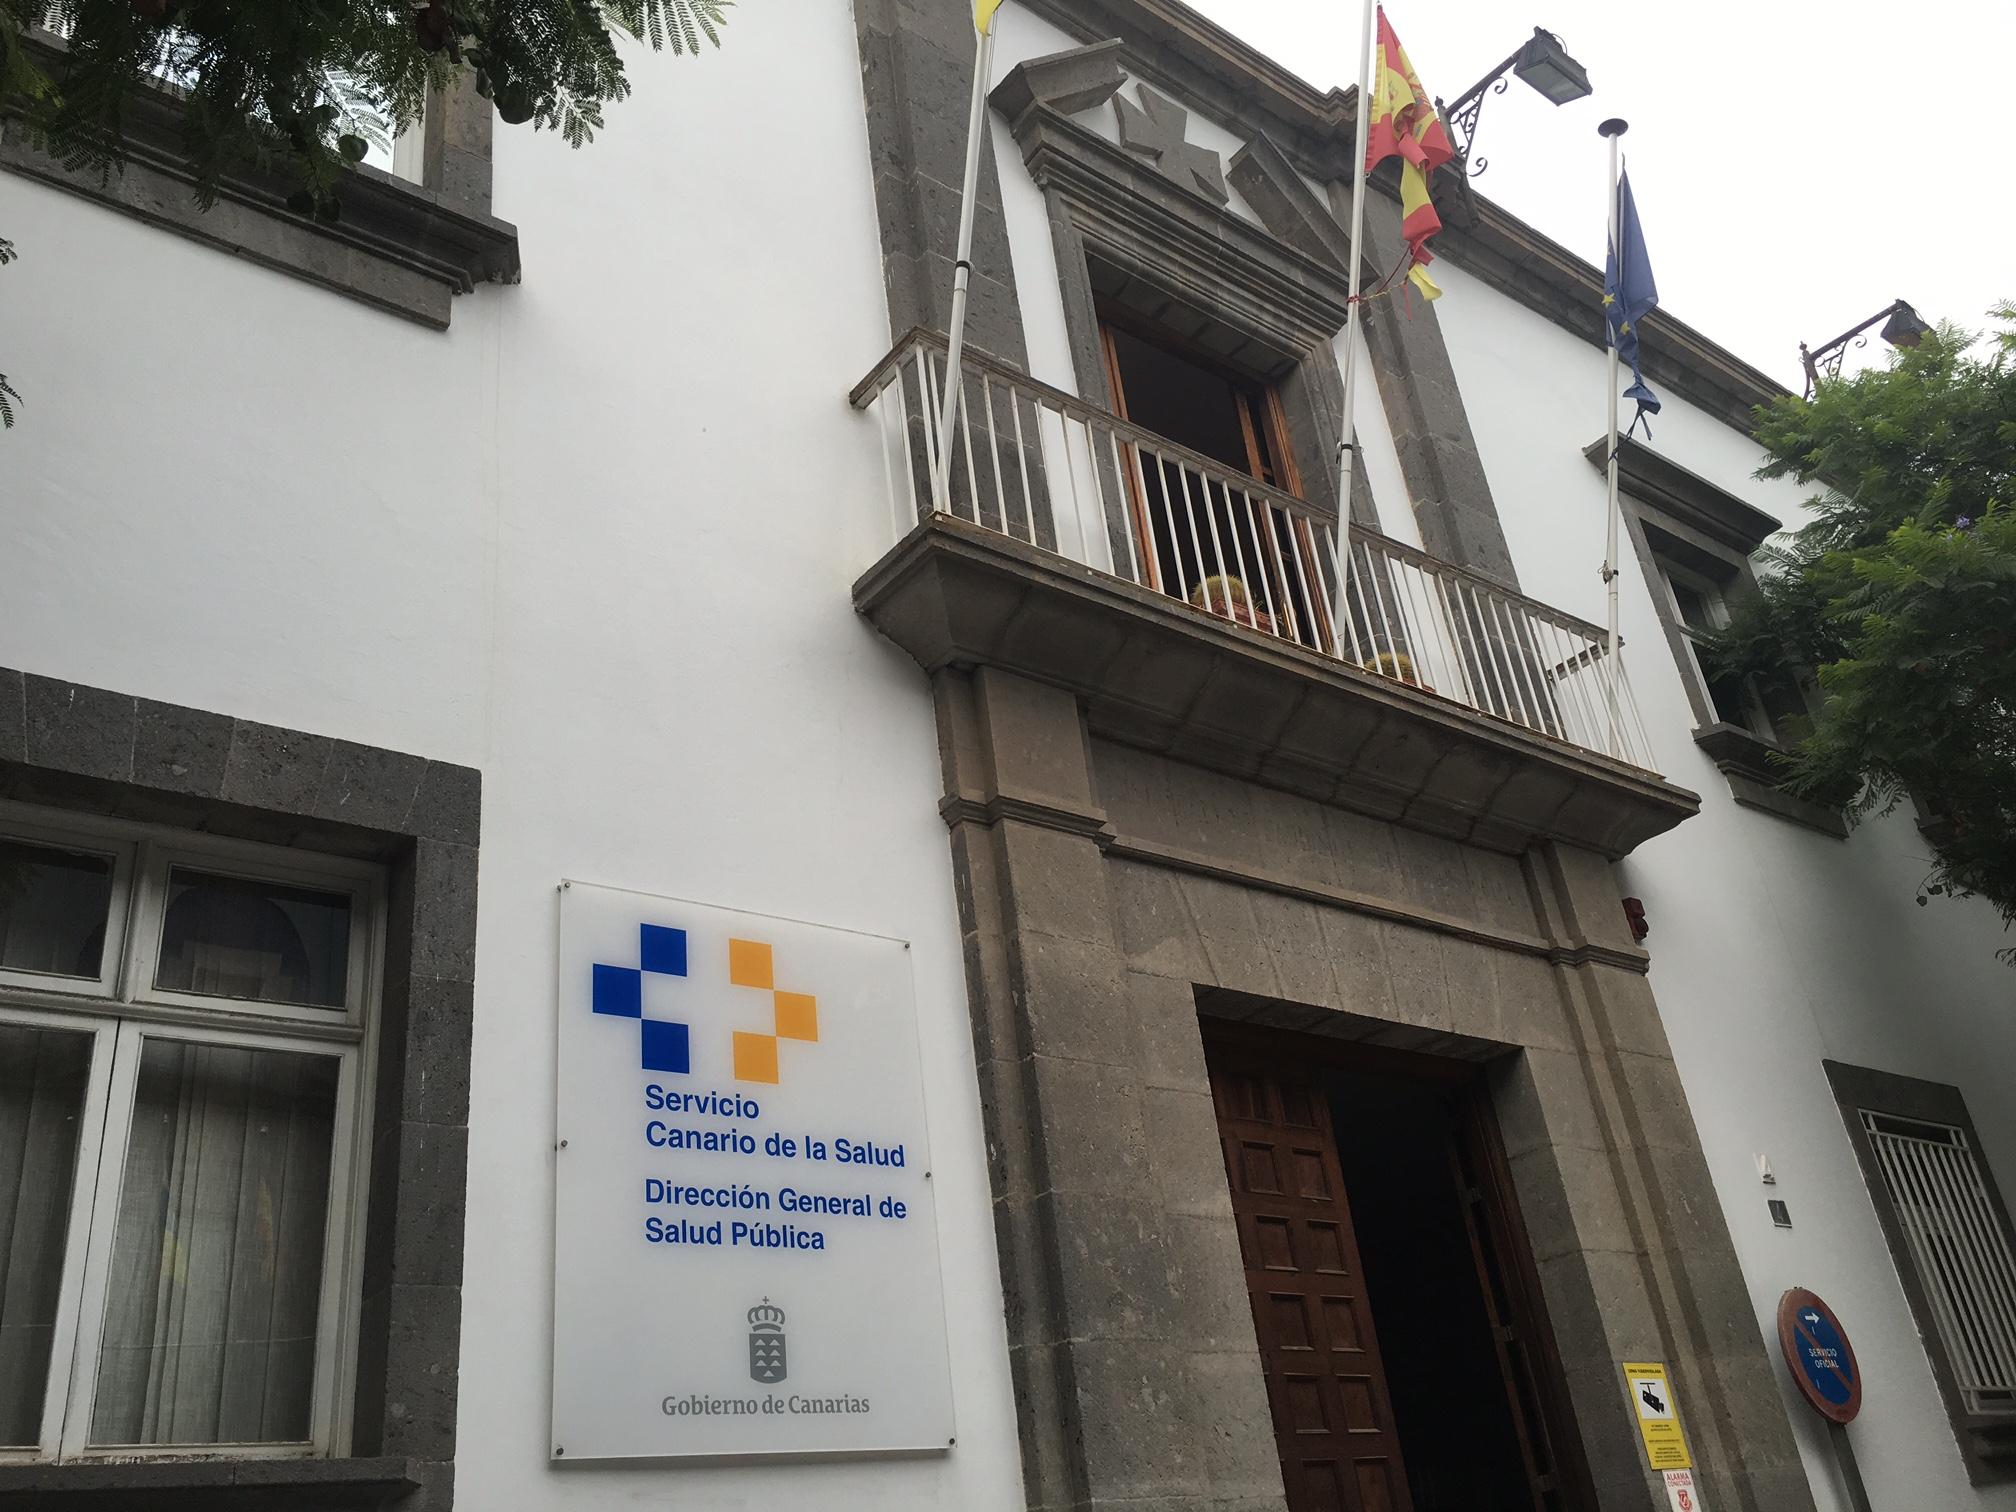 Dirección General de Salud Pública en Las Palmas de Gran Canaria.